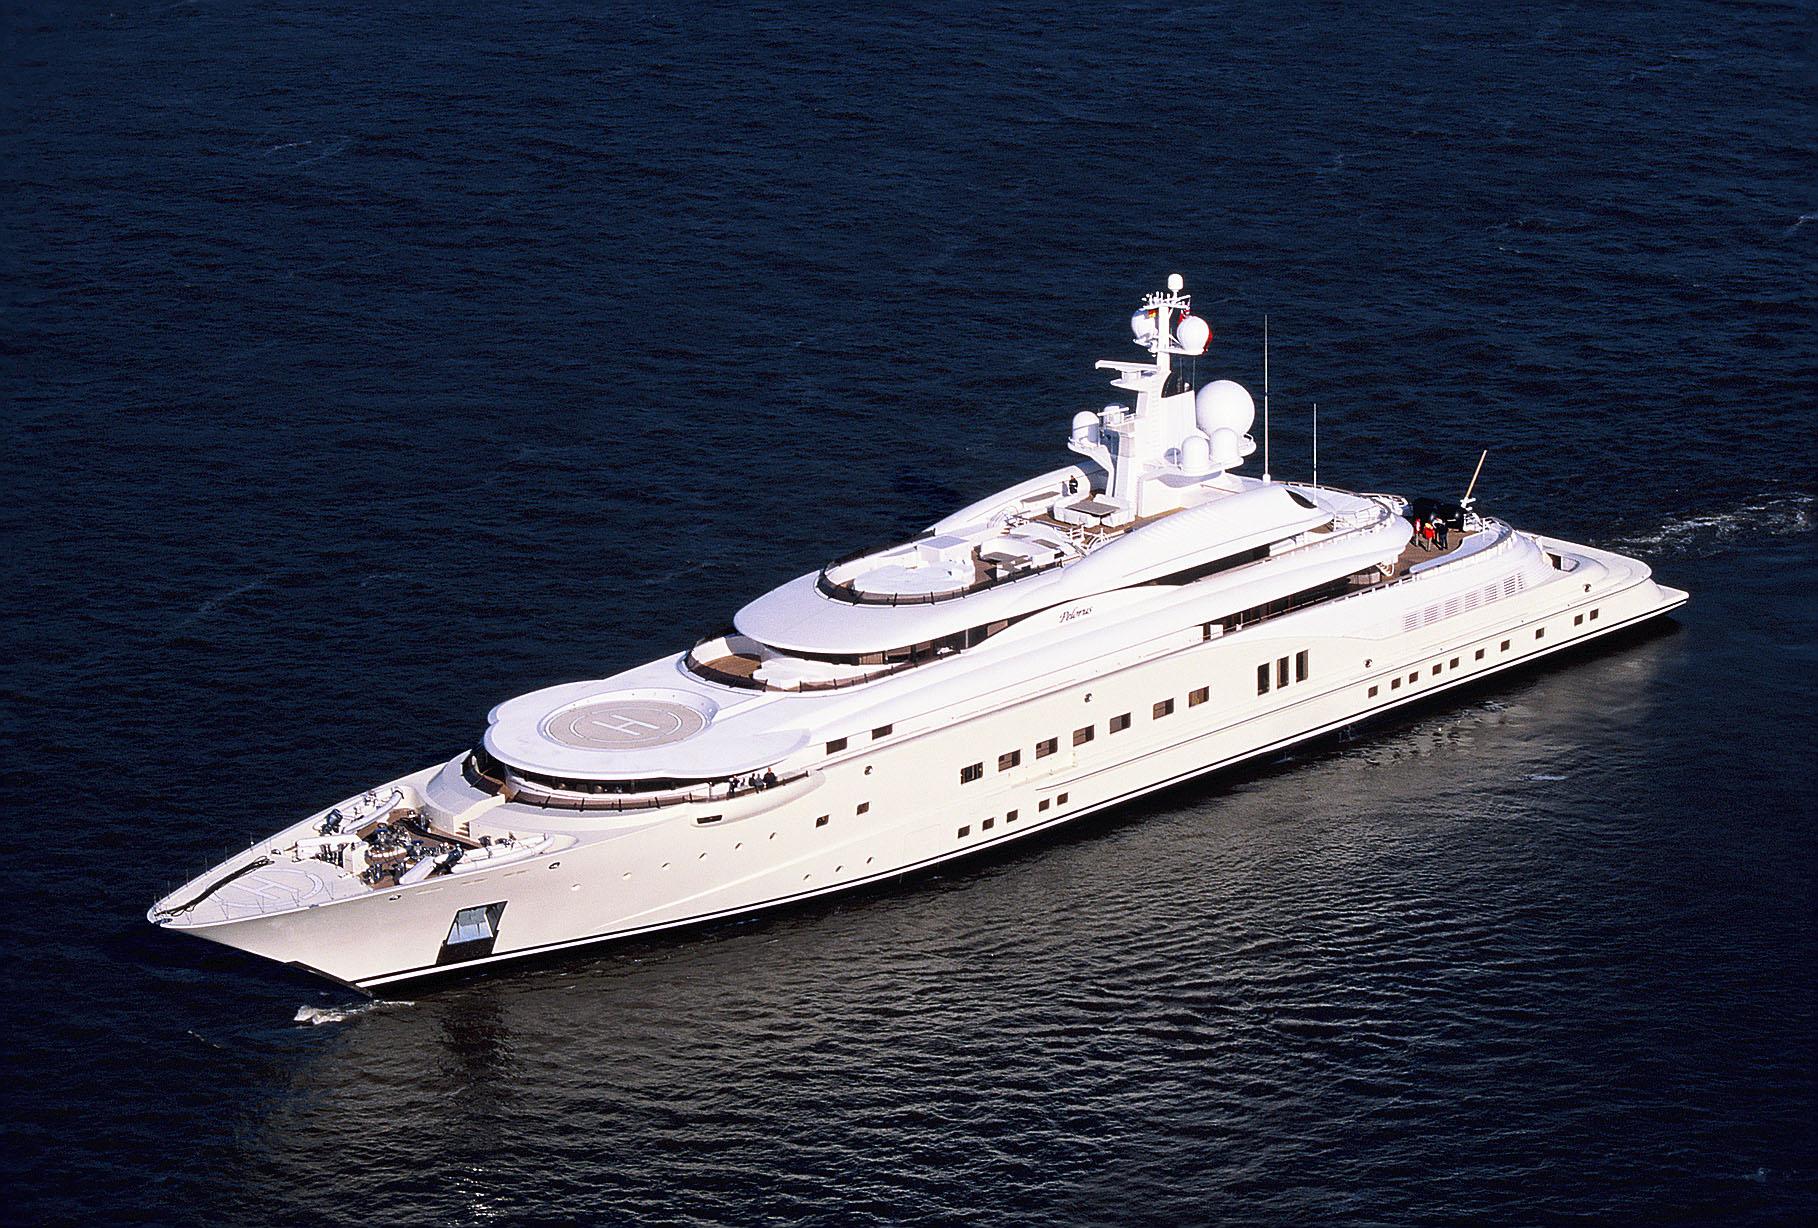 Белая яхта, корабль, лайнер, фото, обои для рабочего стола